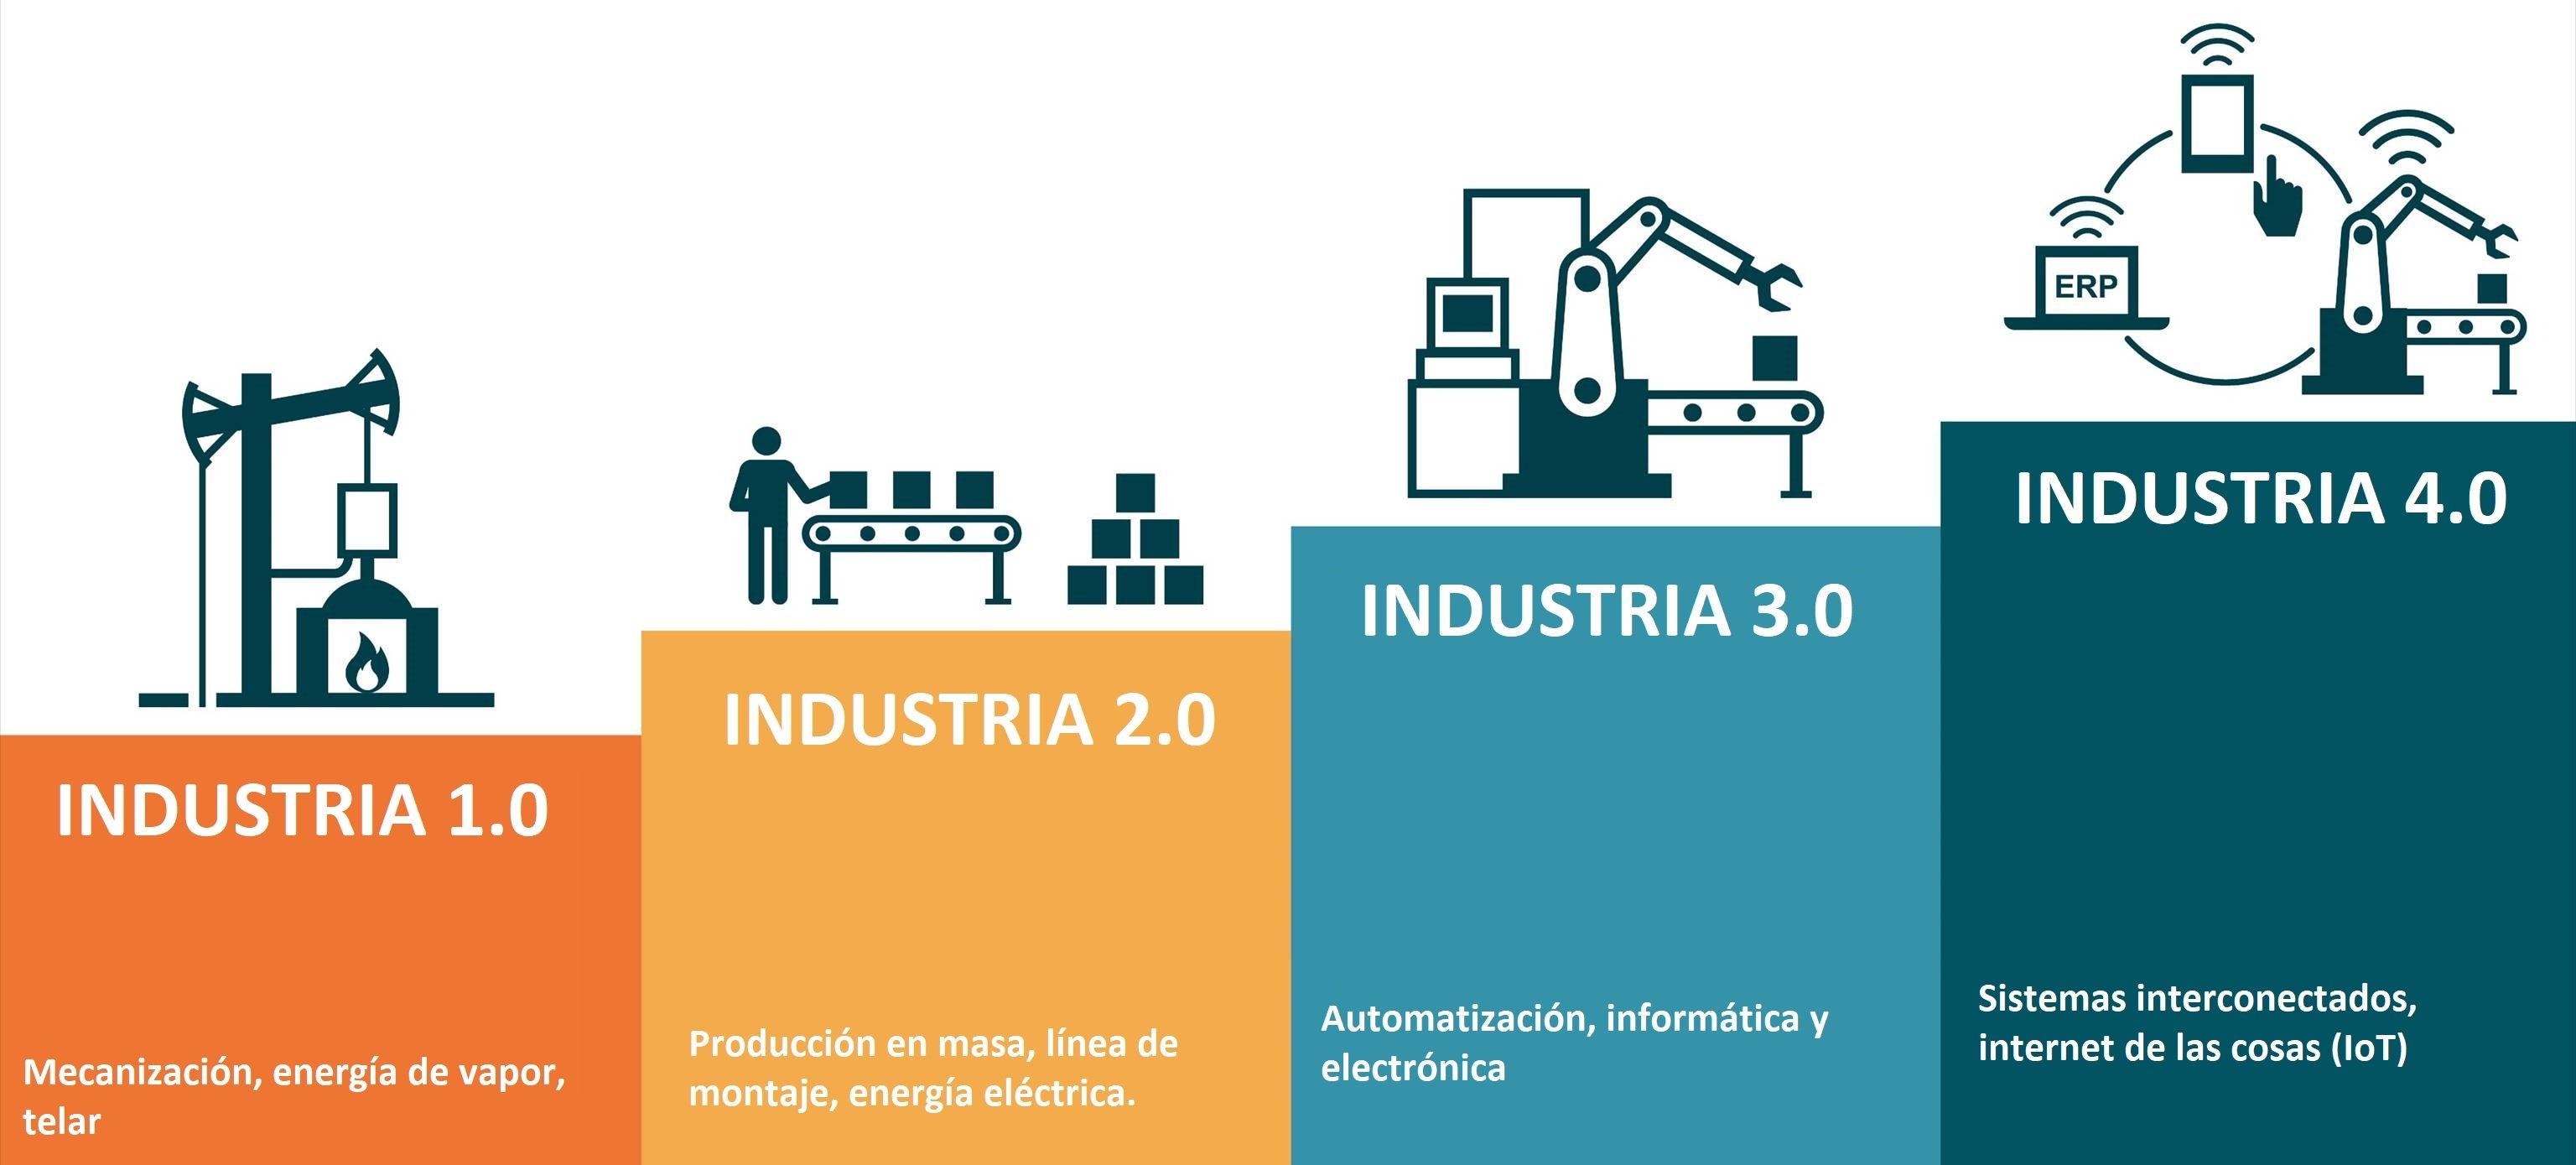 que_es_la_industria_4_0